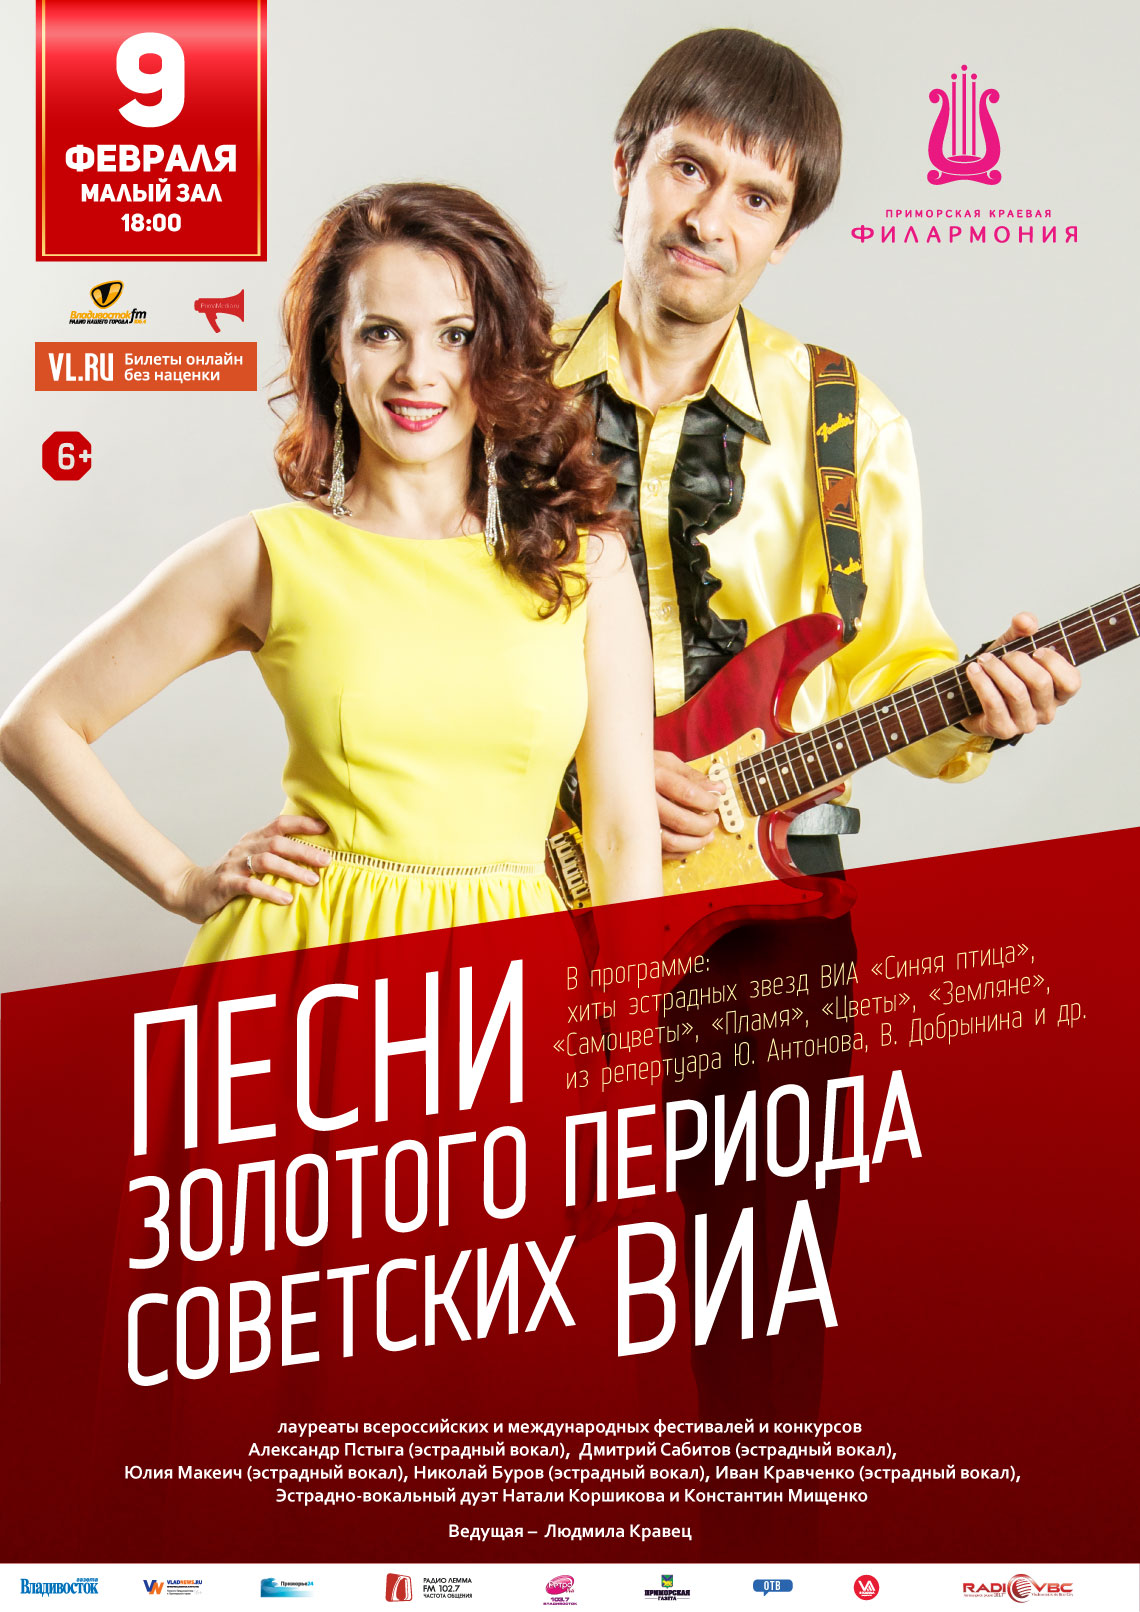 9 февраля Эстрадная Концертная программа  «Песни золотого периода советских ВИА»